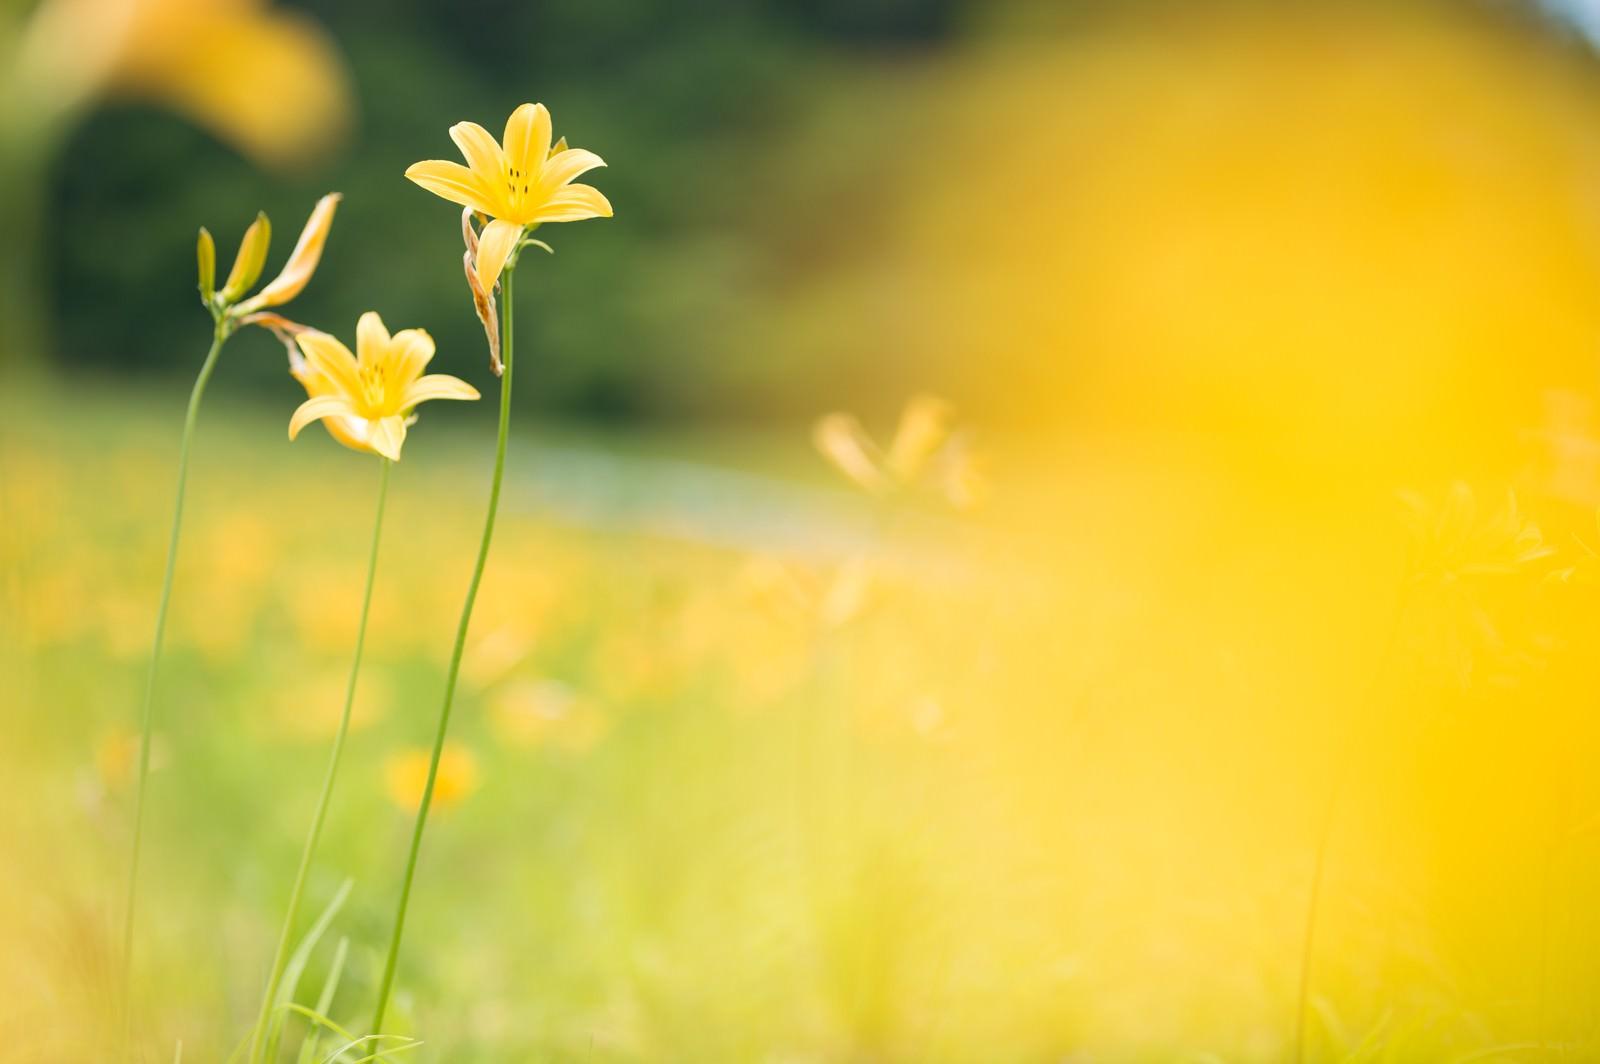 「黄色で埋め尽くされたキスゲ畑黄色で埋め尽くされたキスゲ畑」のフリー写真素材を拡大